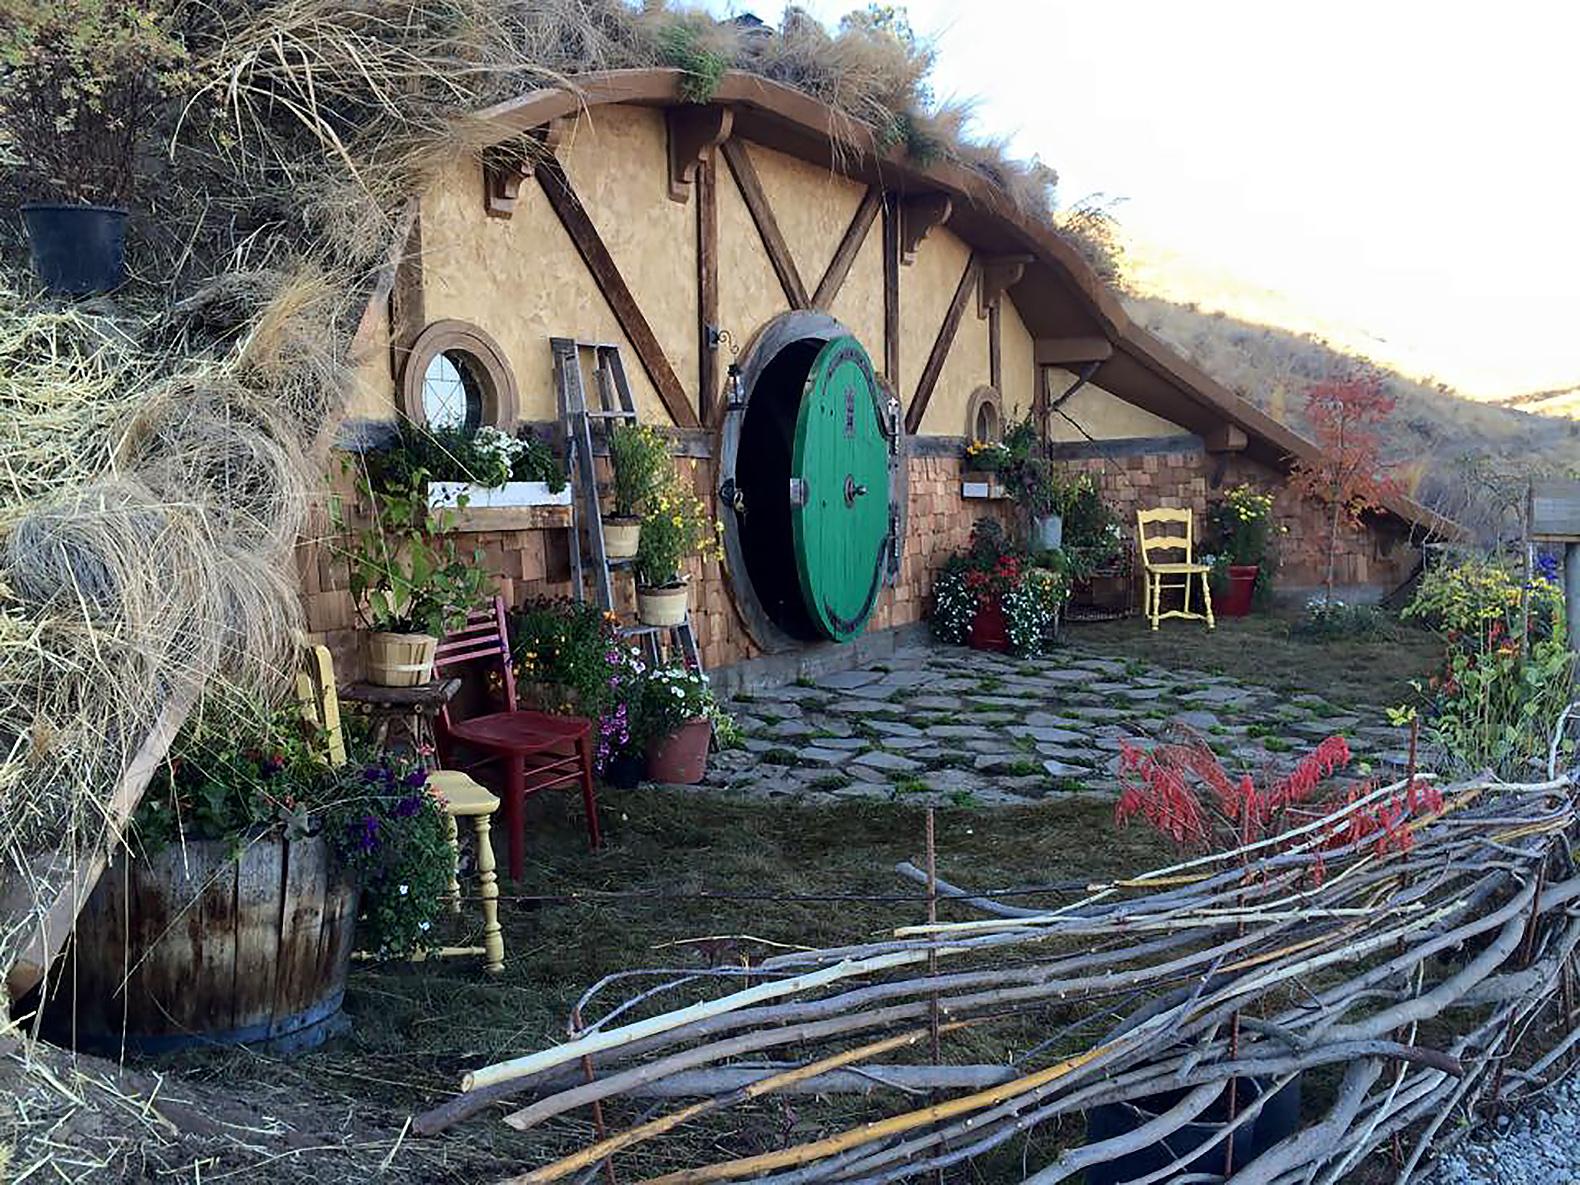 Hawaiian Hobbit Hole Home